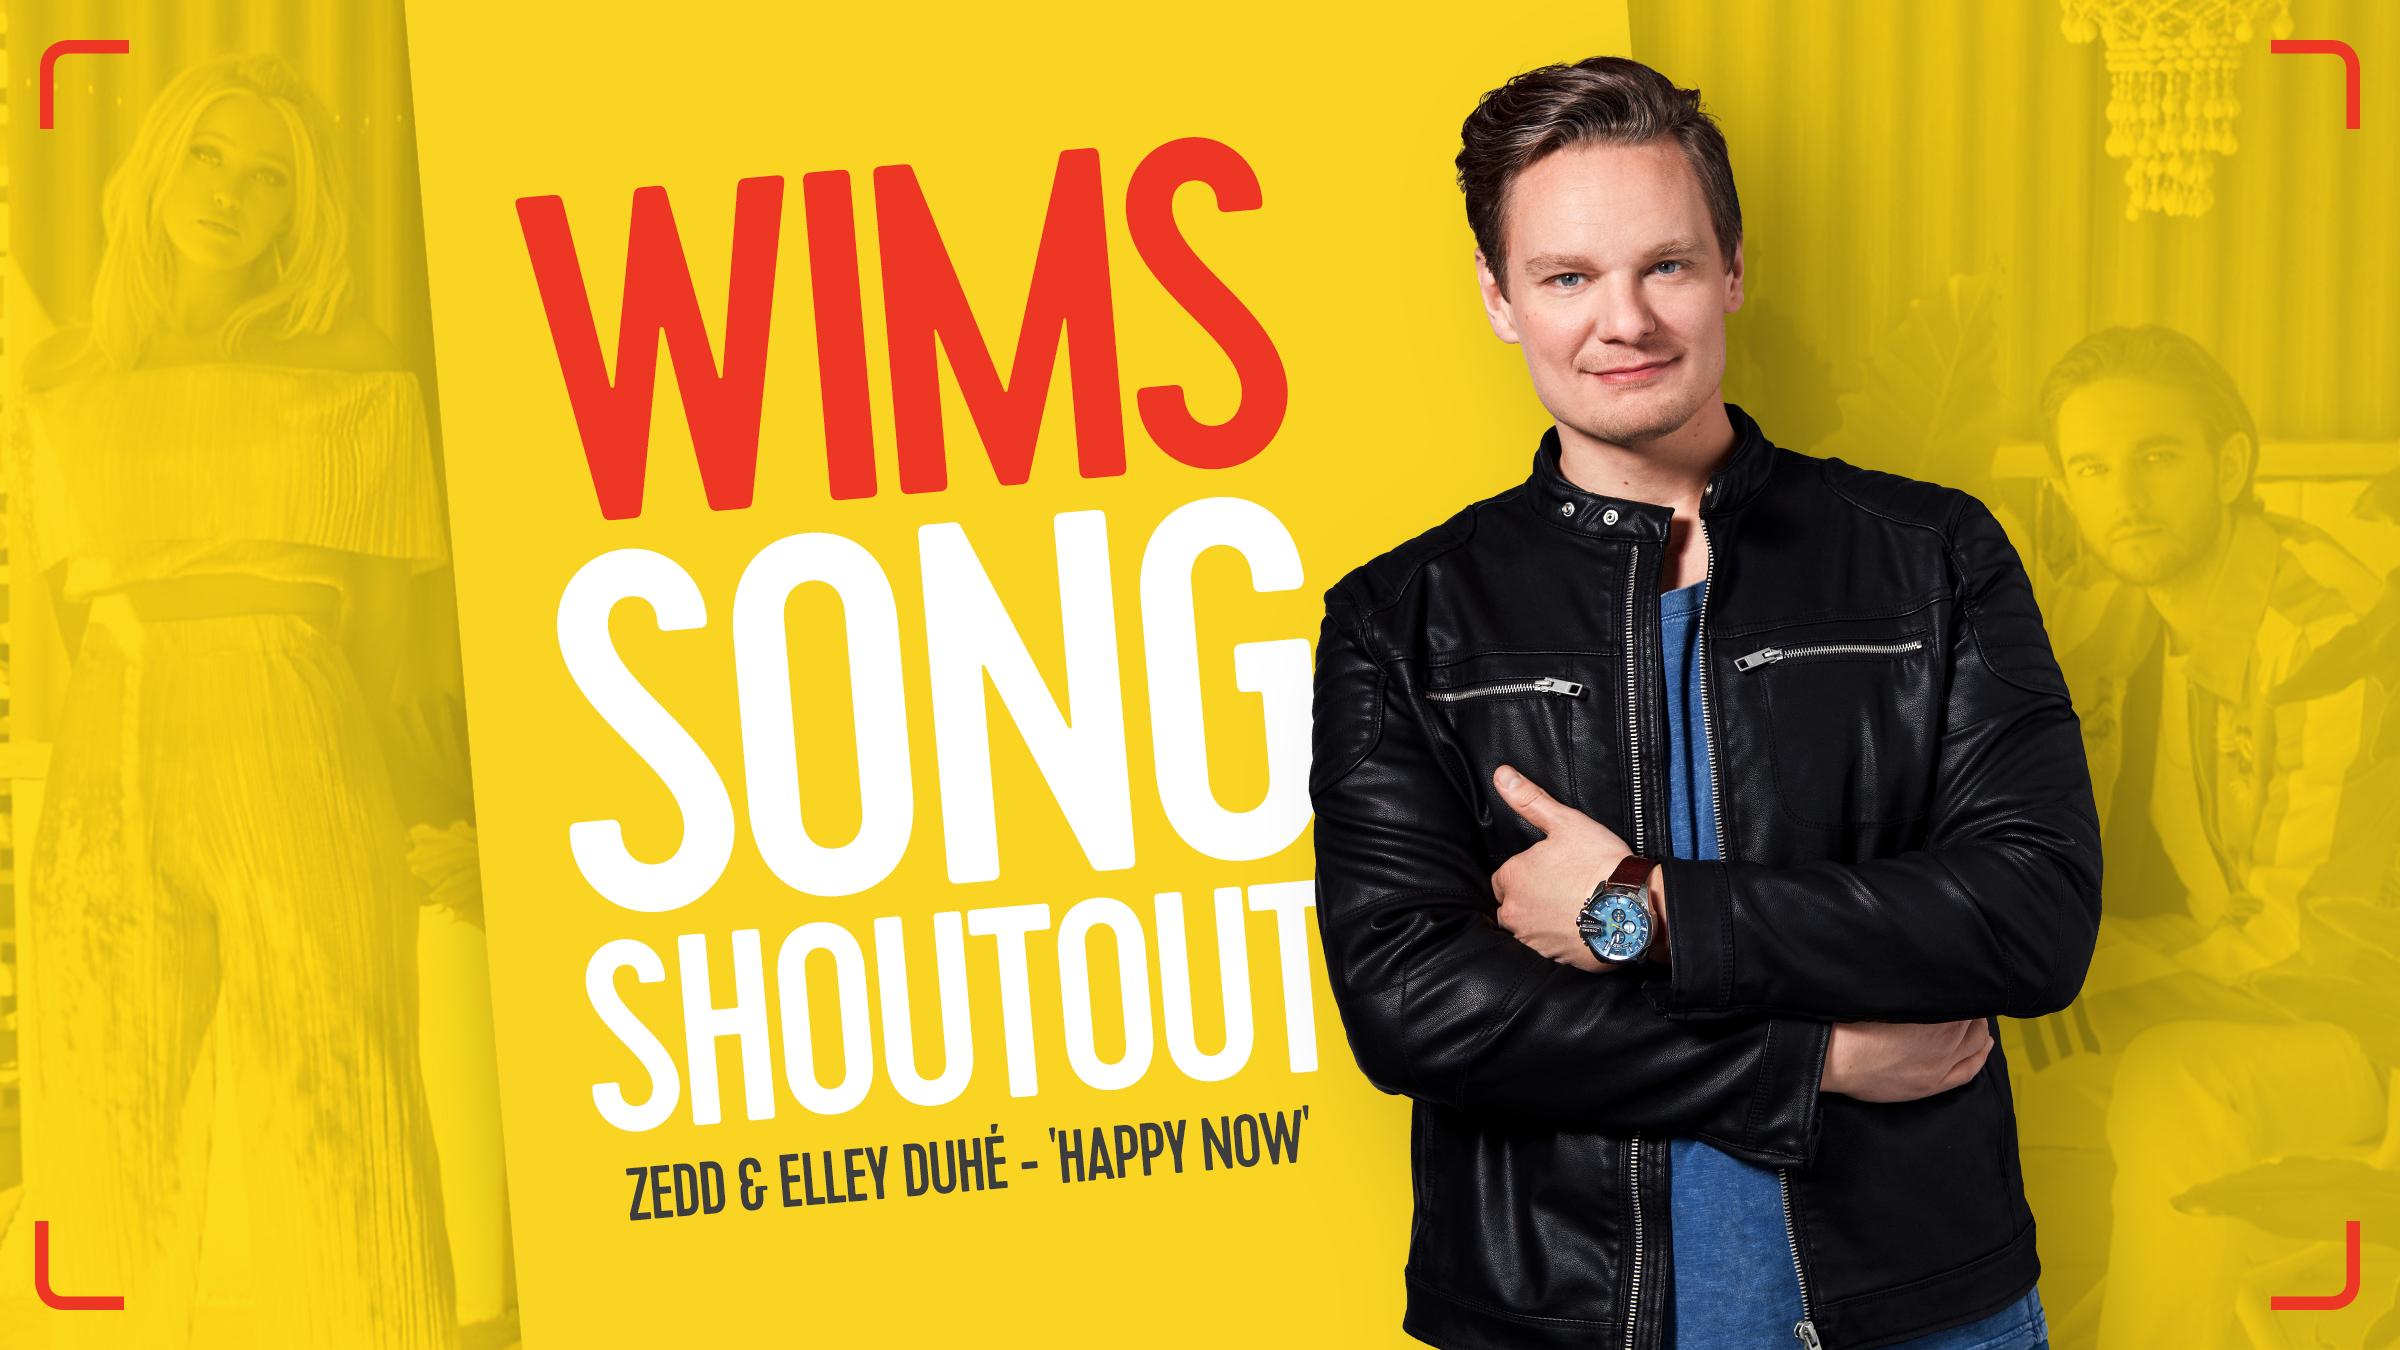 Zedd teaser songshoutout